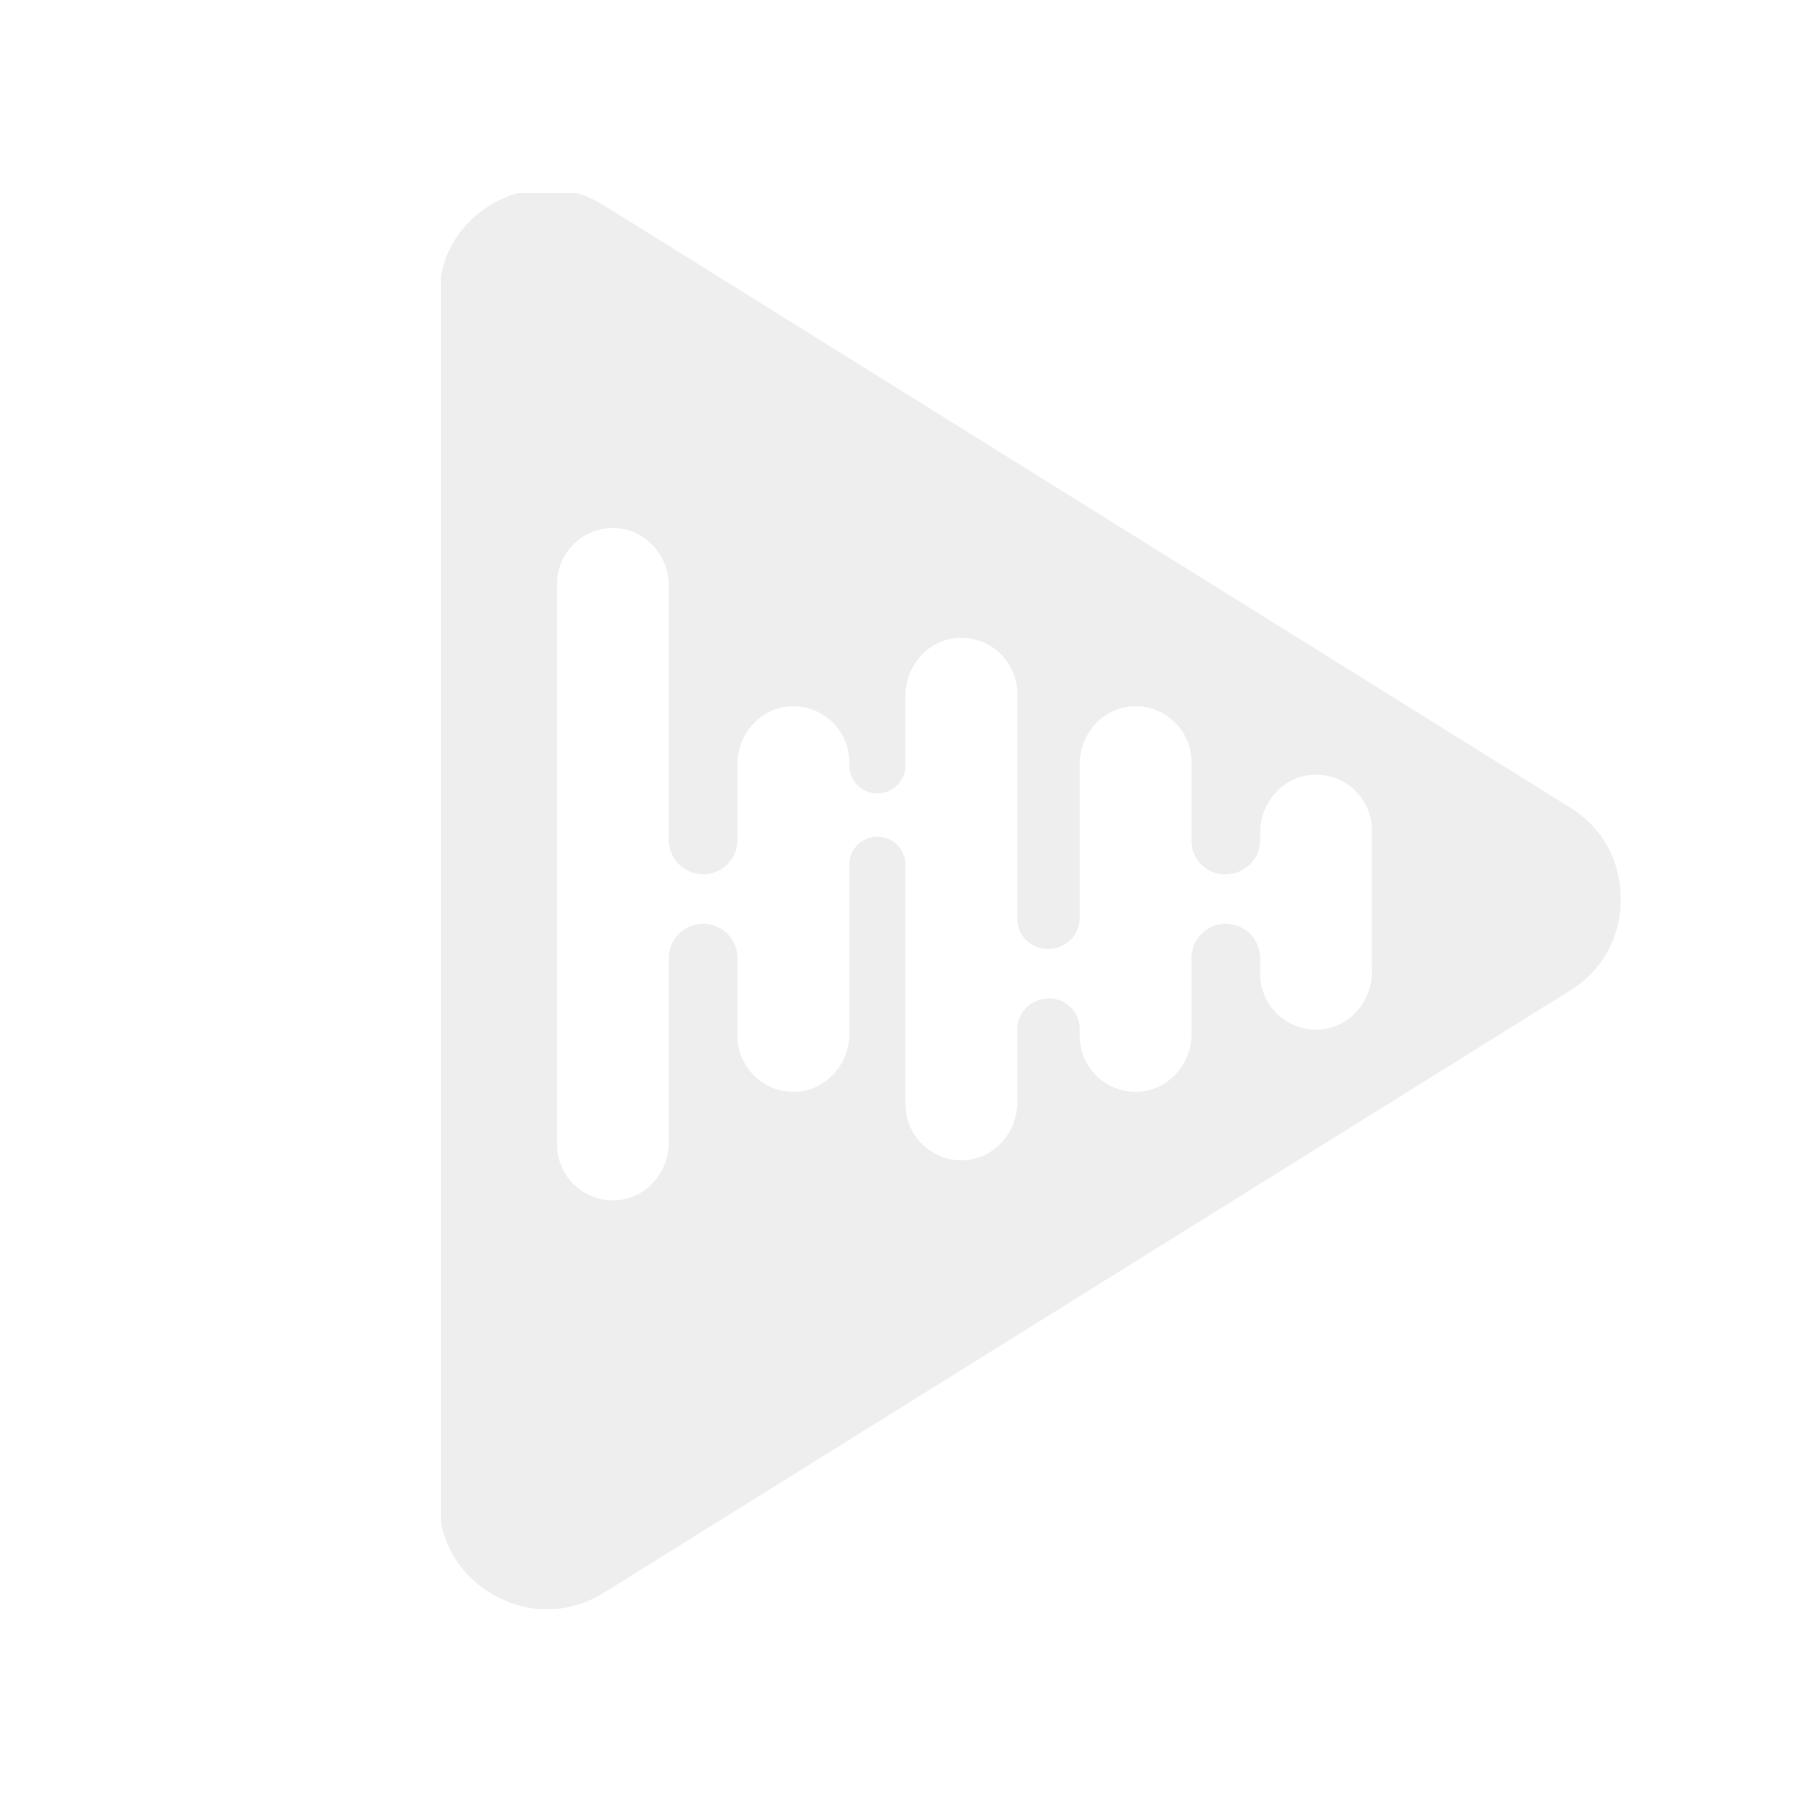 Alpine UTE-204DAB /U ANT